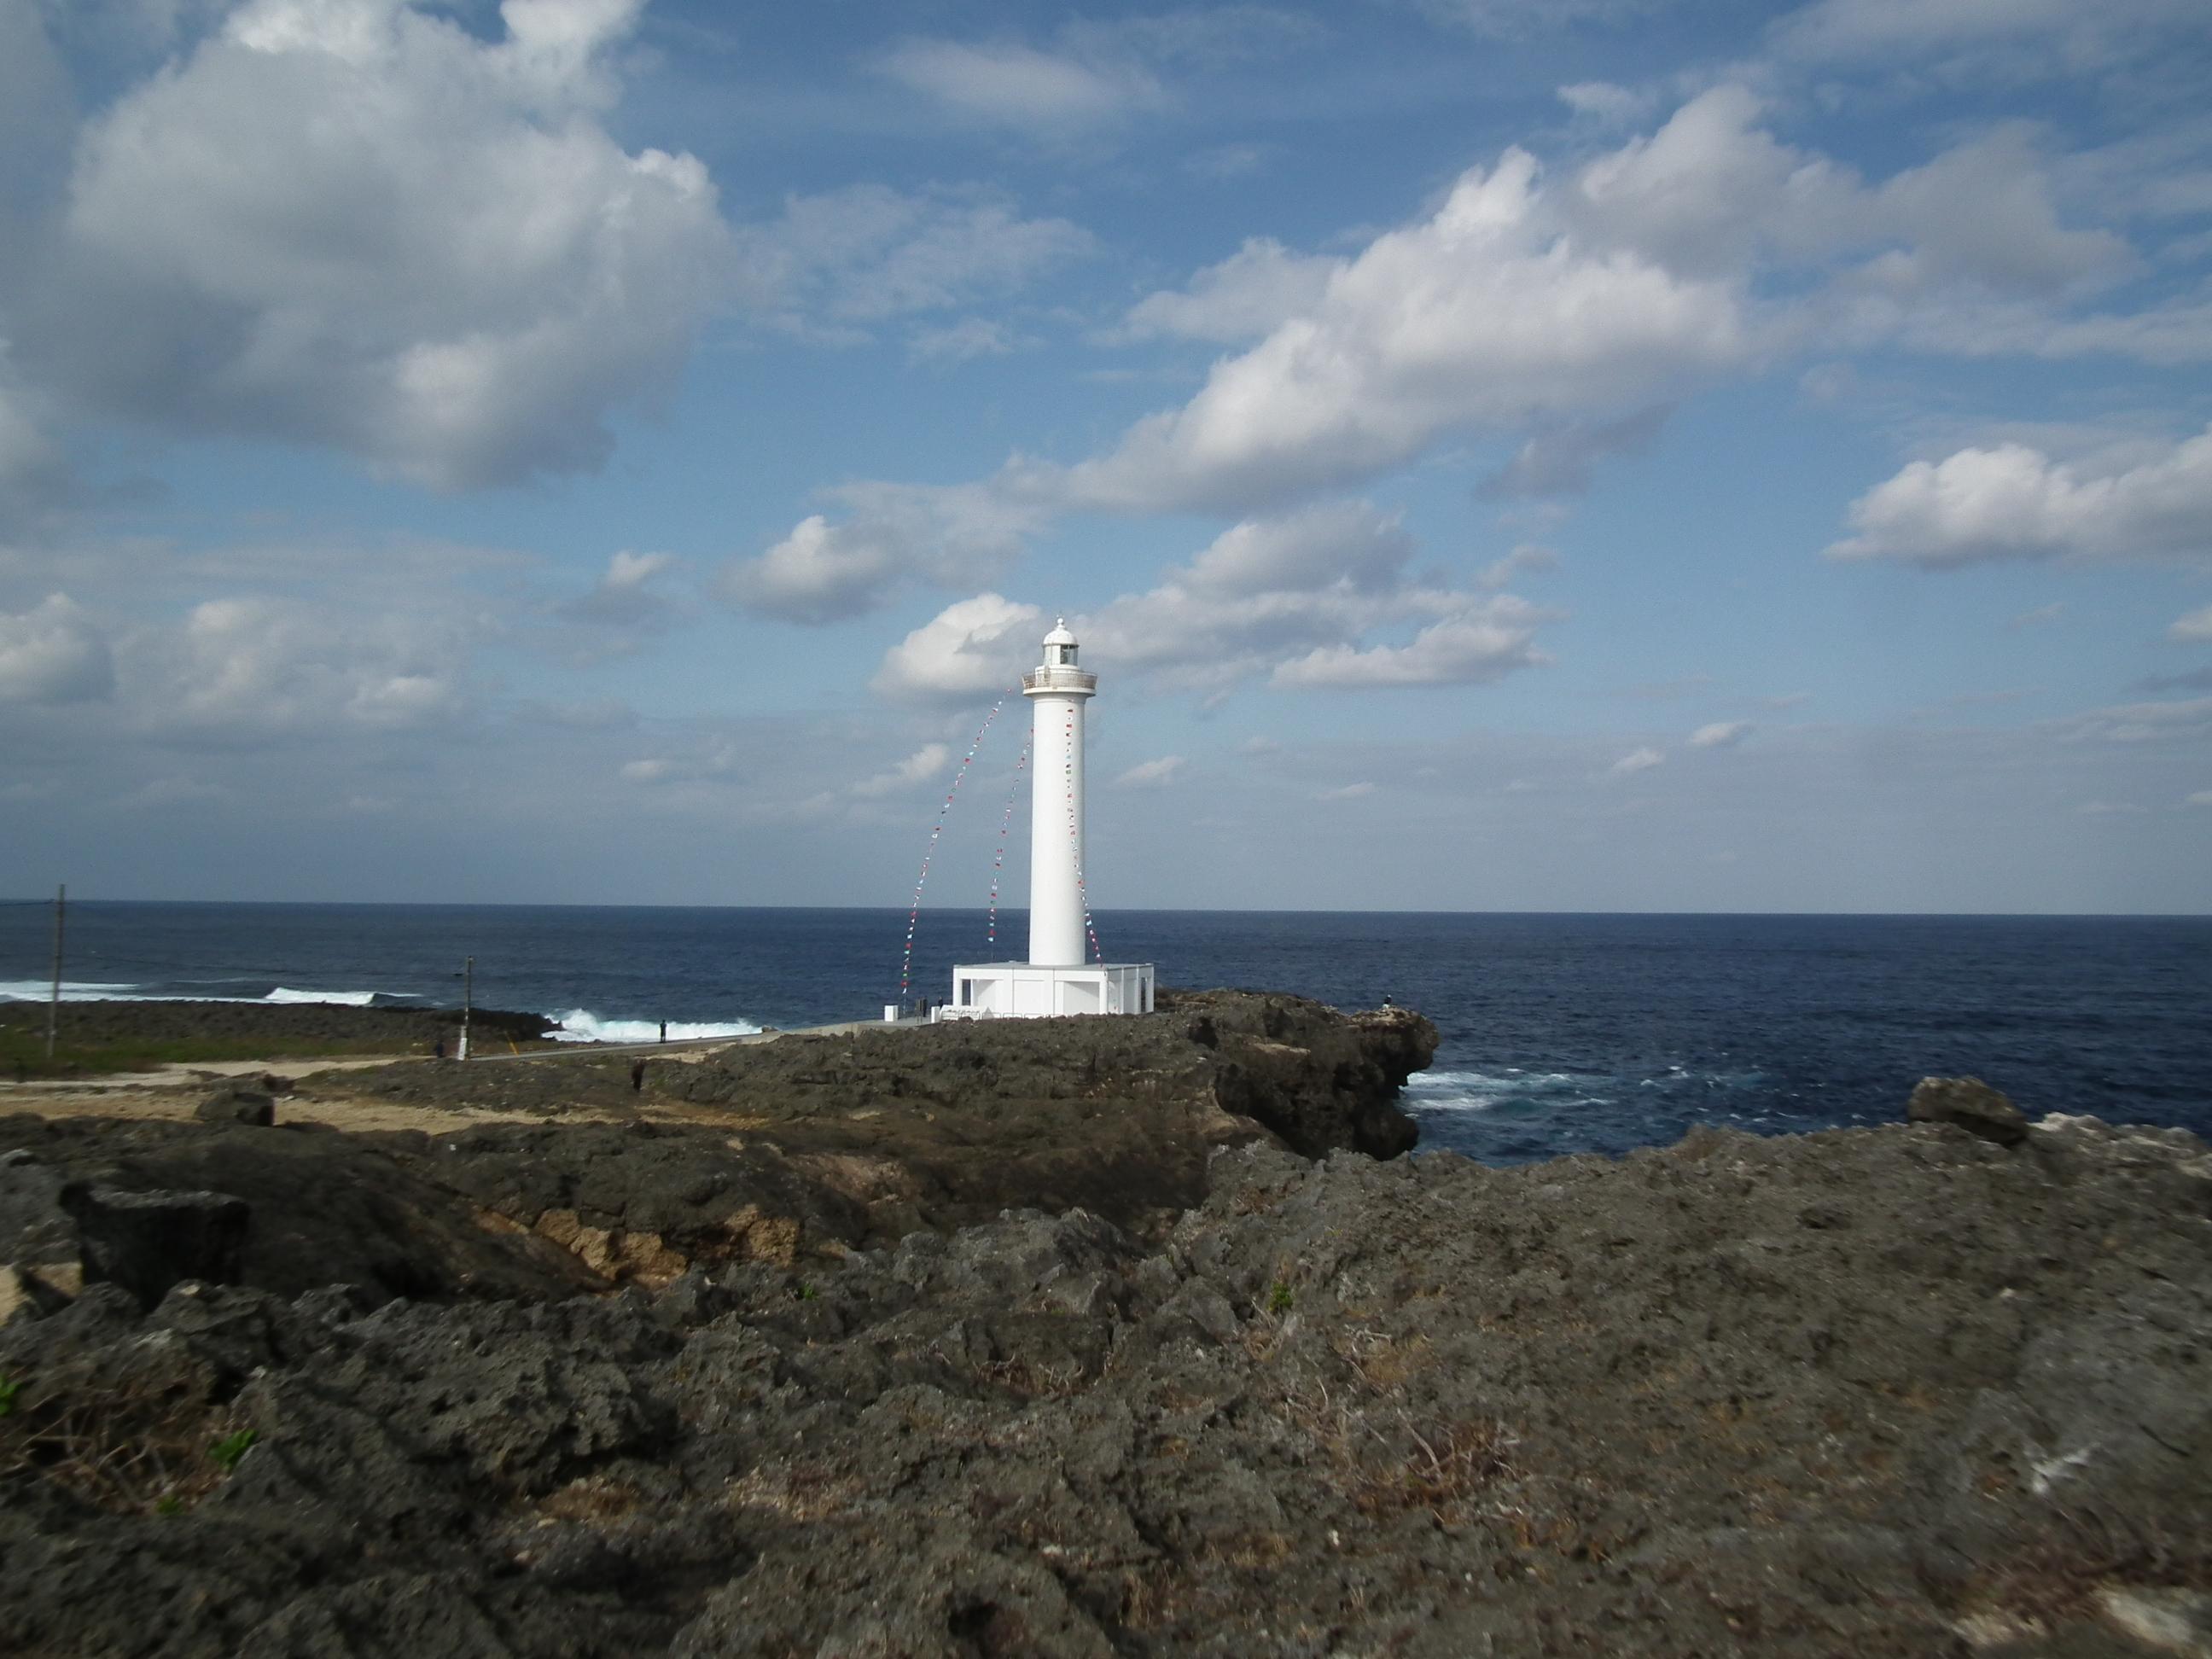 のぼれる灯台 残波岬灯台